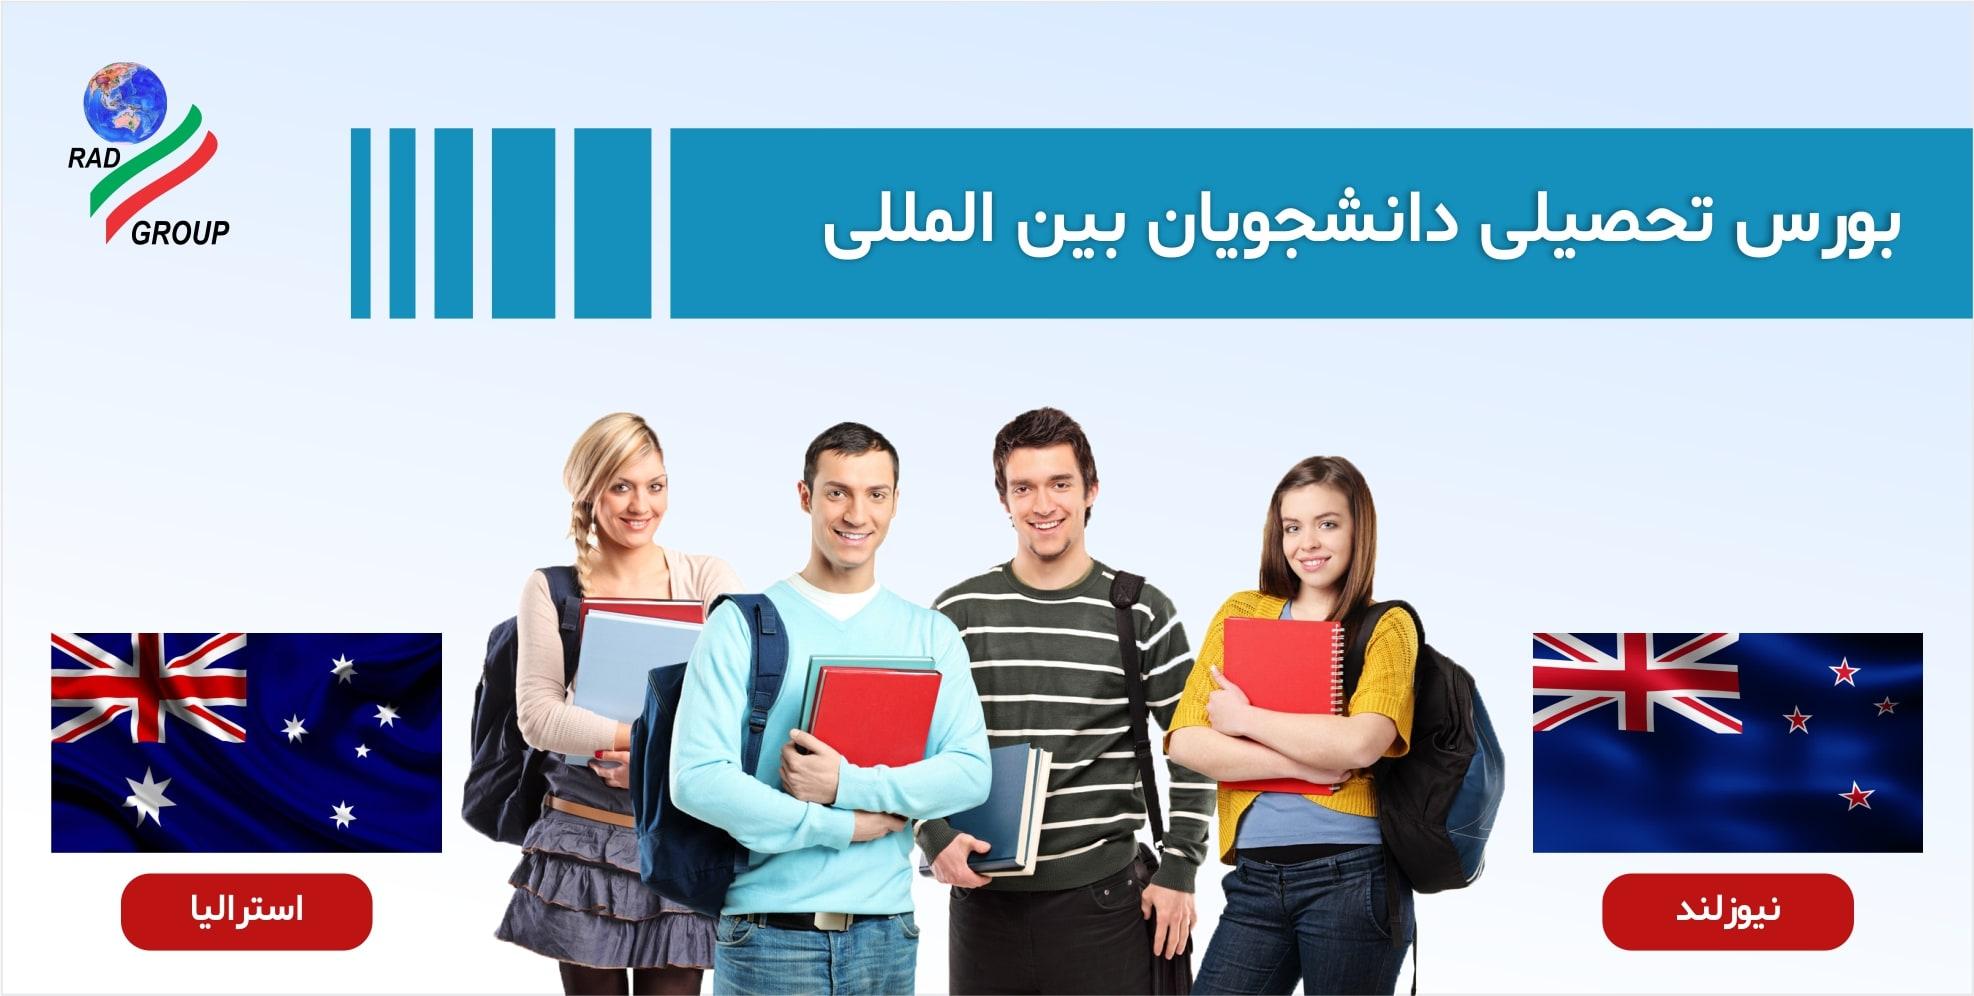 بورس تحصیلی دانشجویان بین المللی در استرالیا و نیوزلند